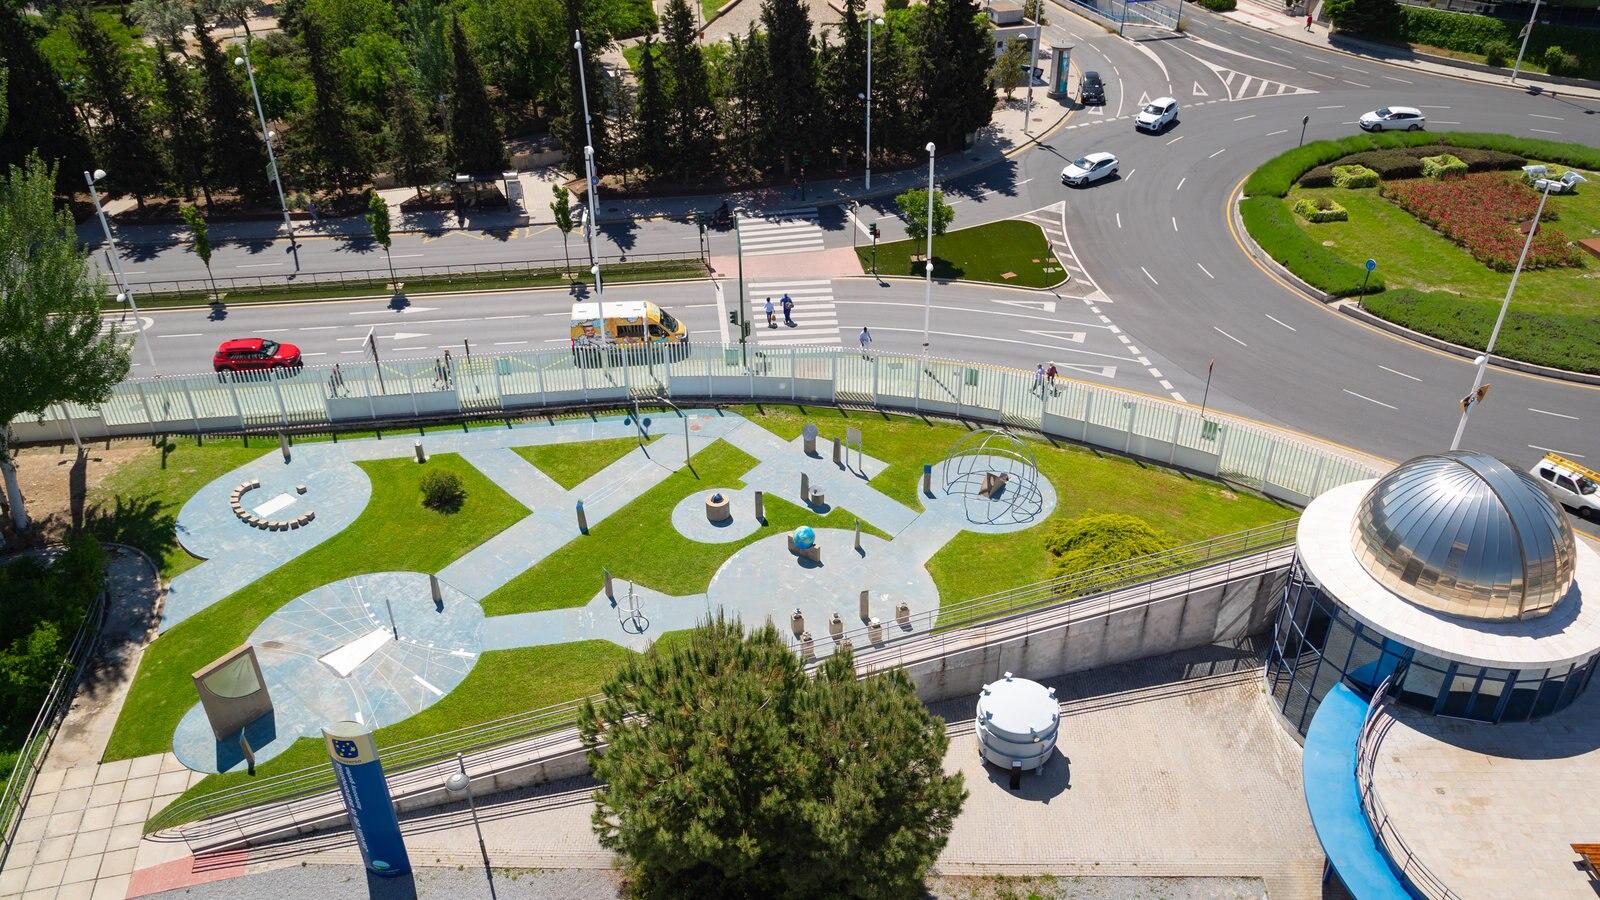 Parque de la ciencia ofreciendo una ciudad y un parque